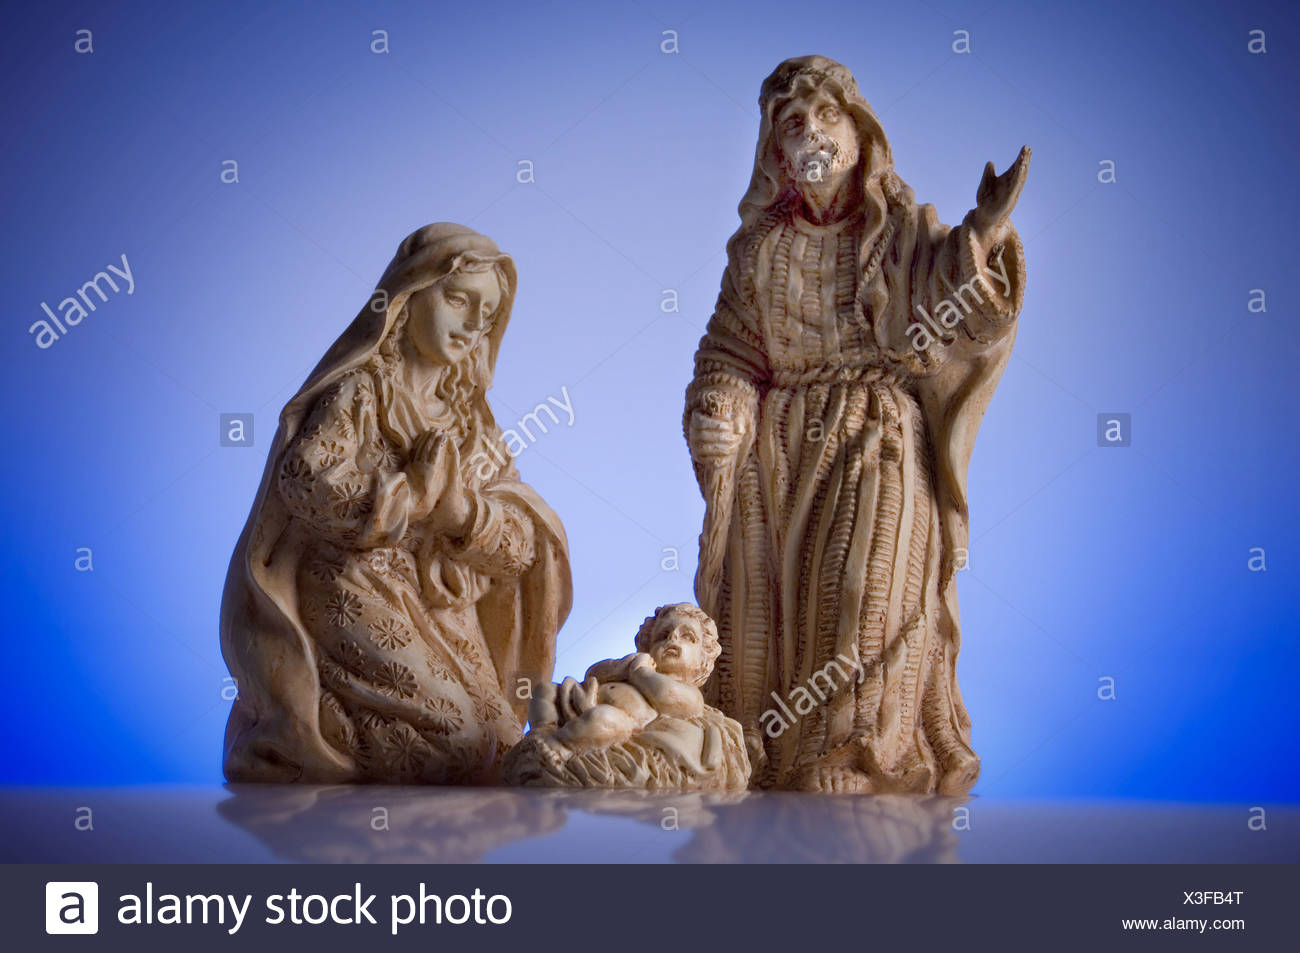 Großartig Baby Jesus Malvorlagen Fotos - Malvorlagen Von Tieren ...